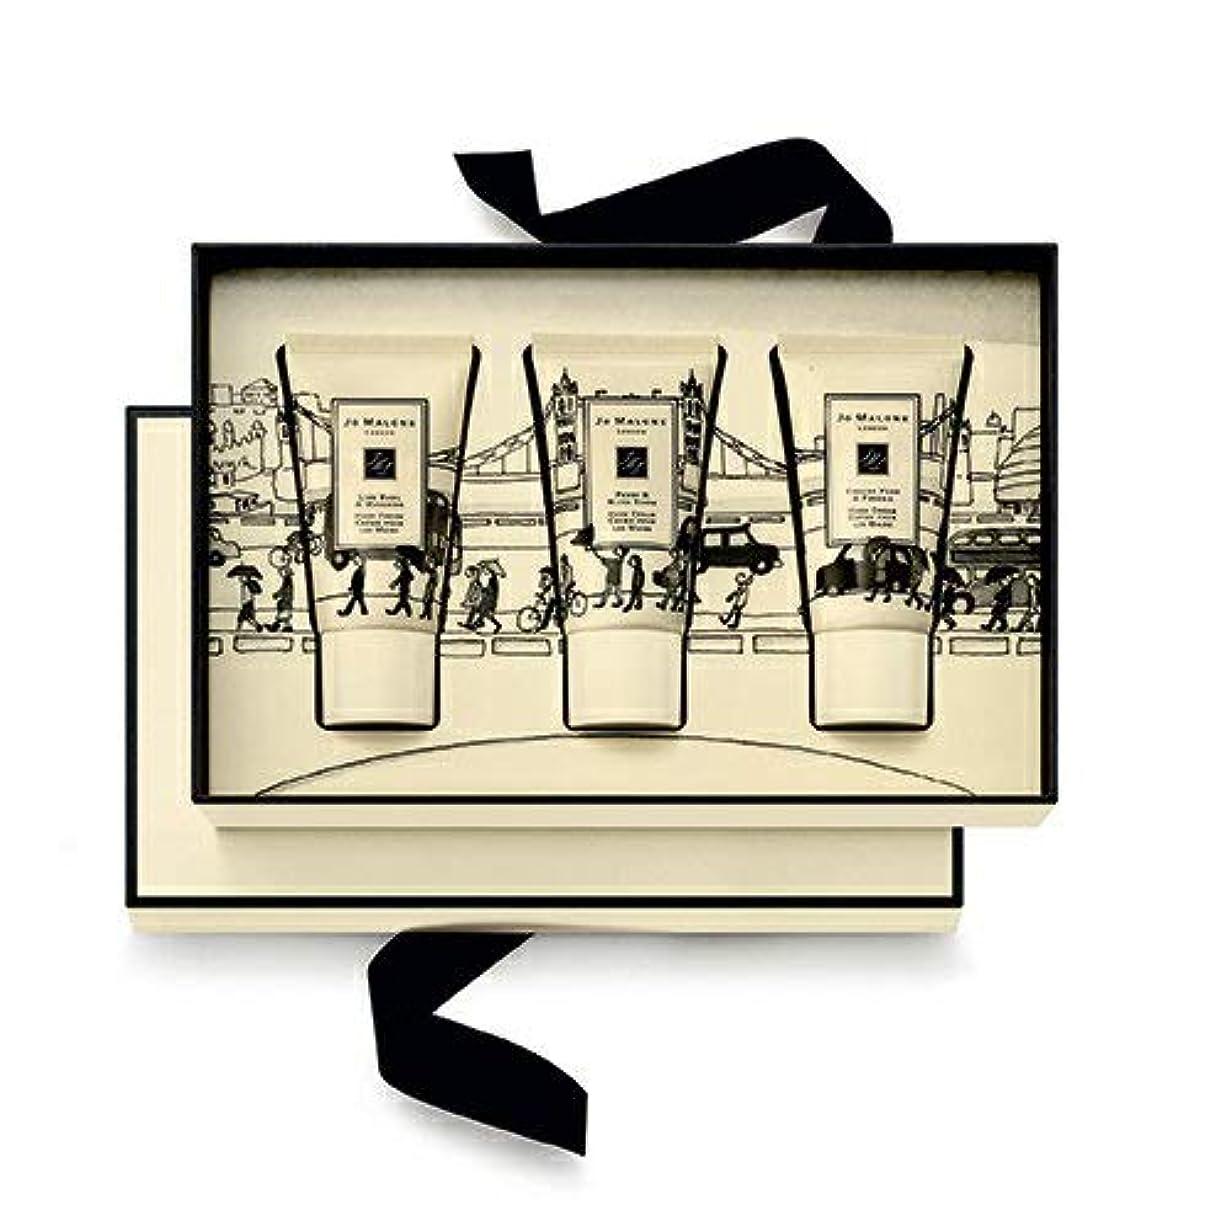 オンスマングルテクニカルジョー マローン ハンド クリーム コレクション 30ml×3(ライムバジル&マンダリン?ピオニー&ブラッシュスエード?イングリッシュペアー&フリージア)JO MALONE HAND CREAM TRIO COLLECTION [並行輸入品]